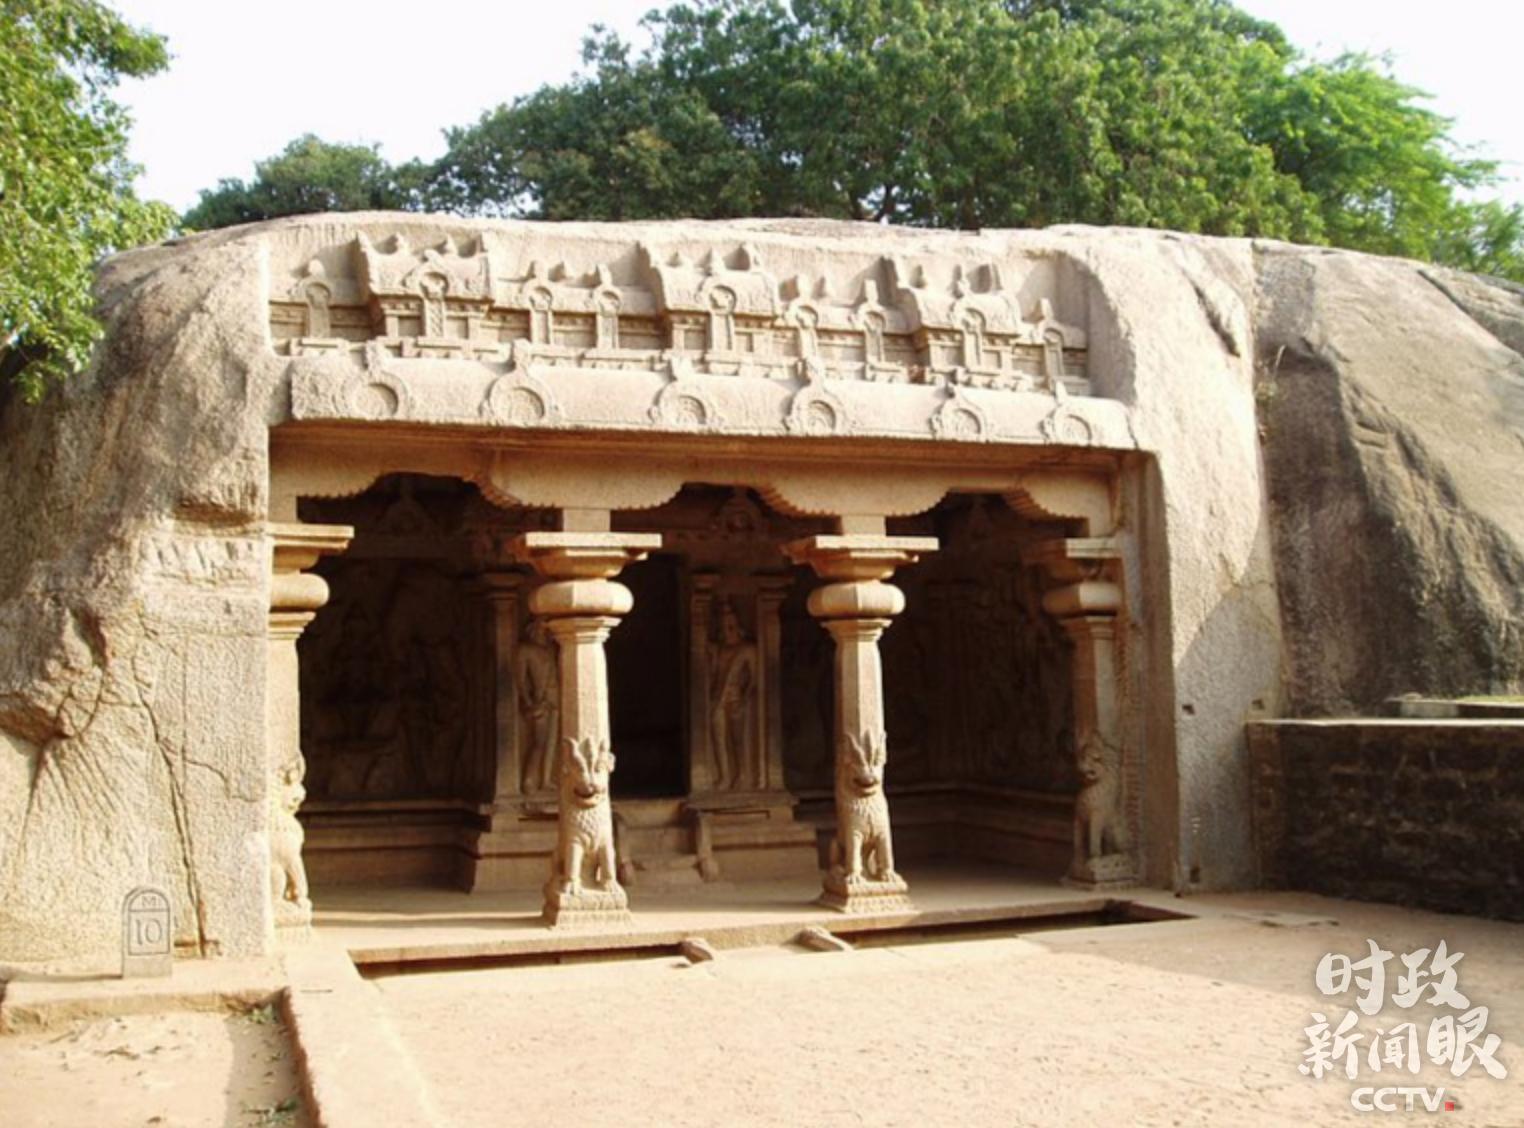 △瓦拉哈石窟神庙是典型的印度石刻建筑,分为柱厅和圣室两部分。